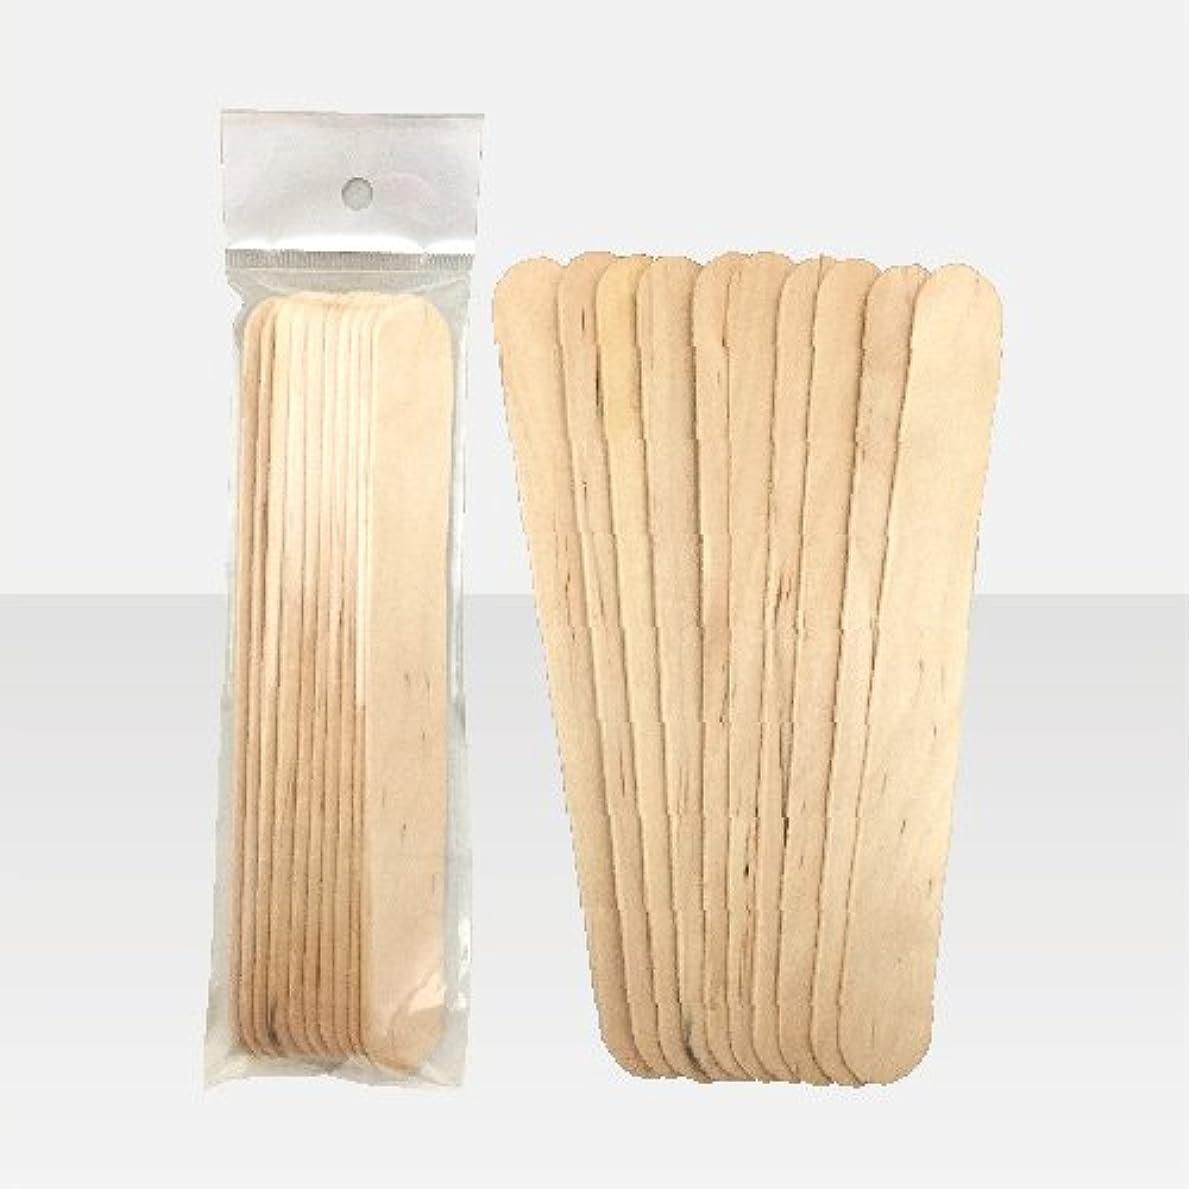 アルカイック粘り強いブラウスブラジリアンワックス 脱毛ワックス用  ワックススパチュラ 木ベラ /10本セット Mサイズ